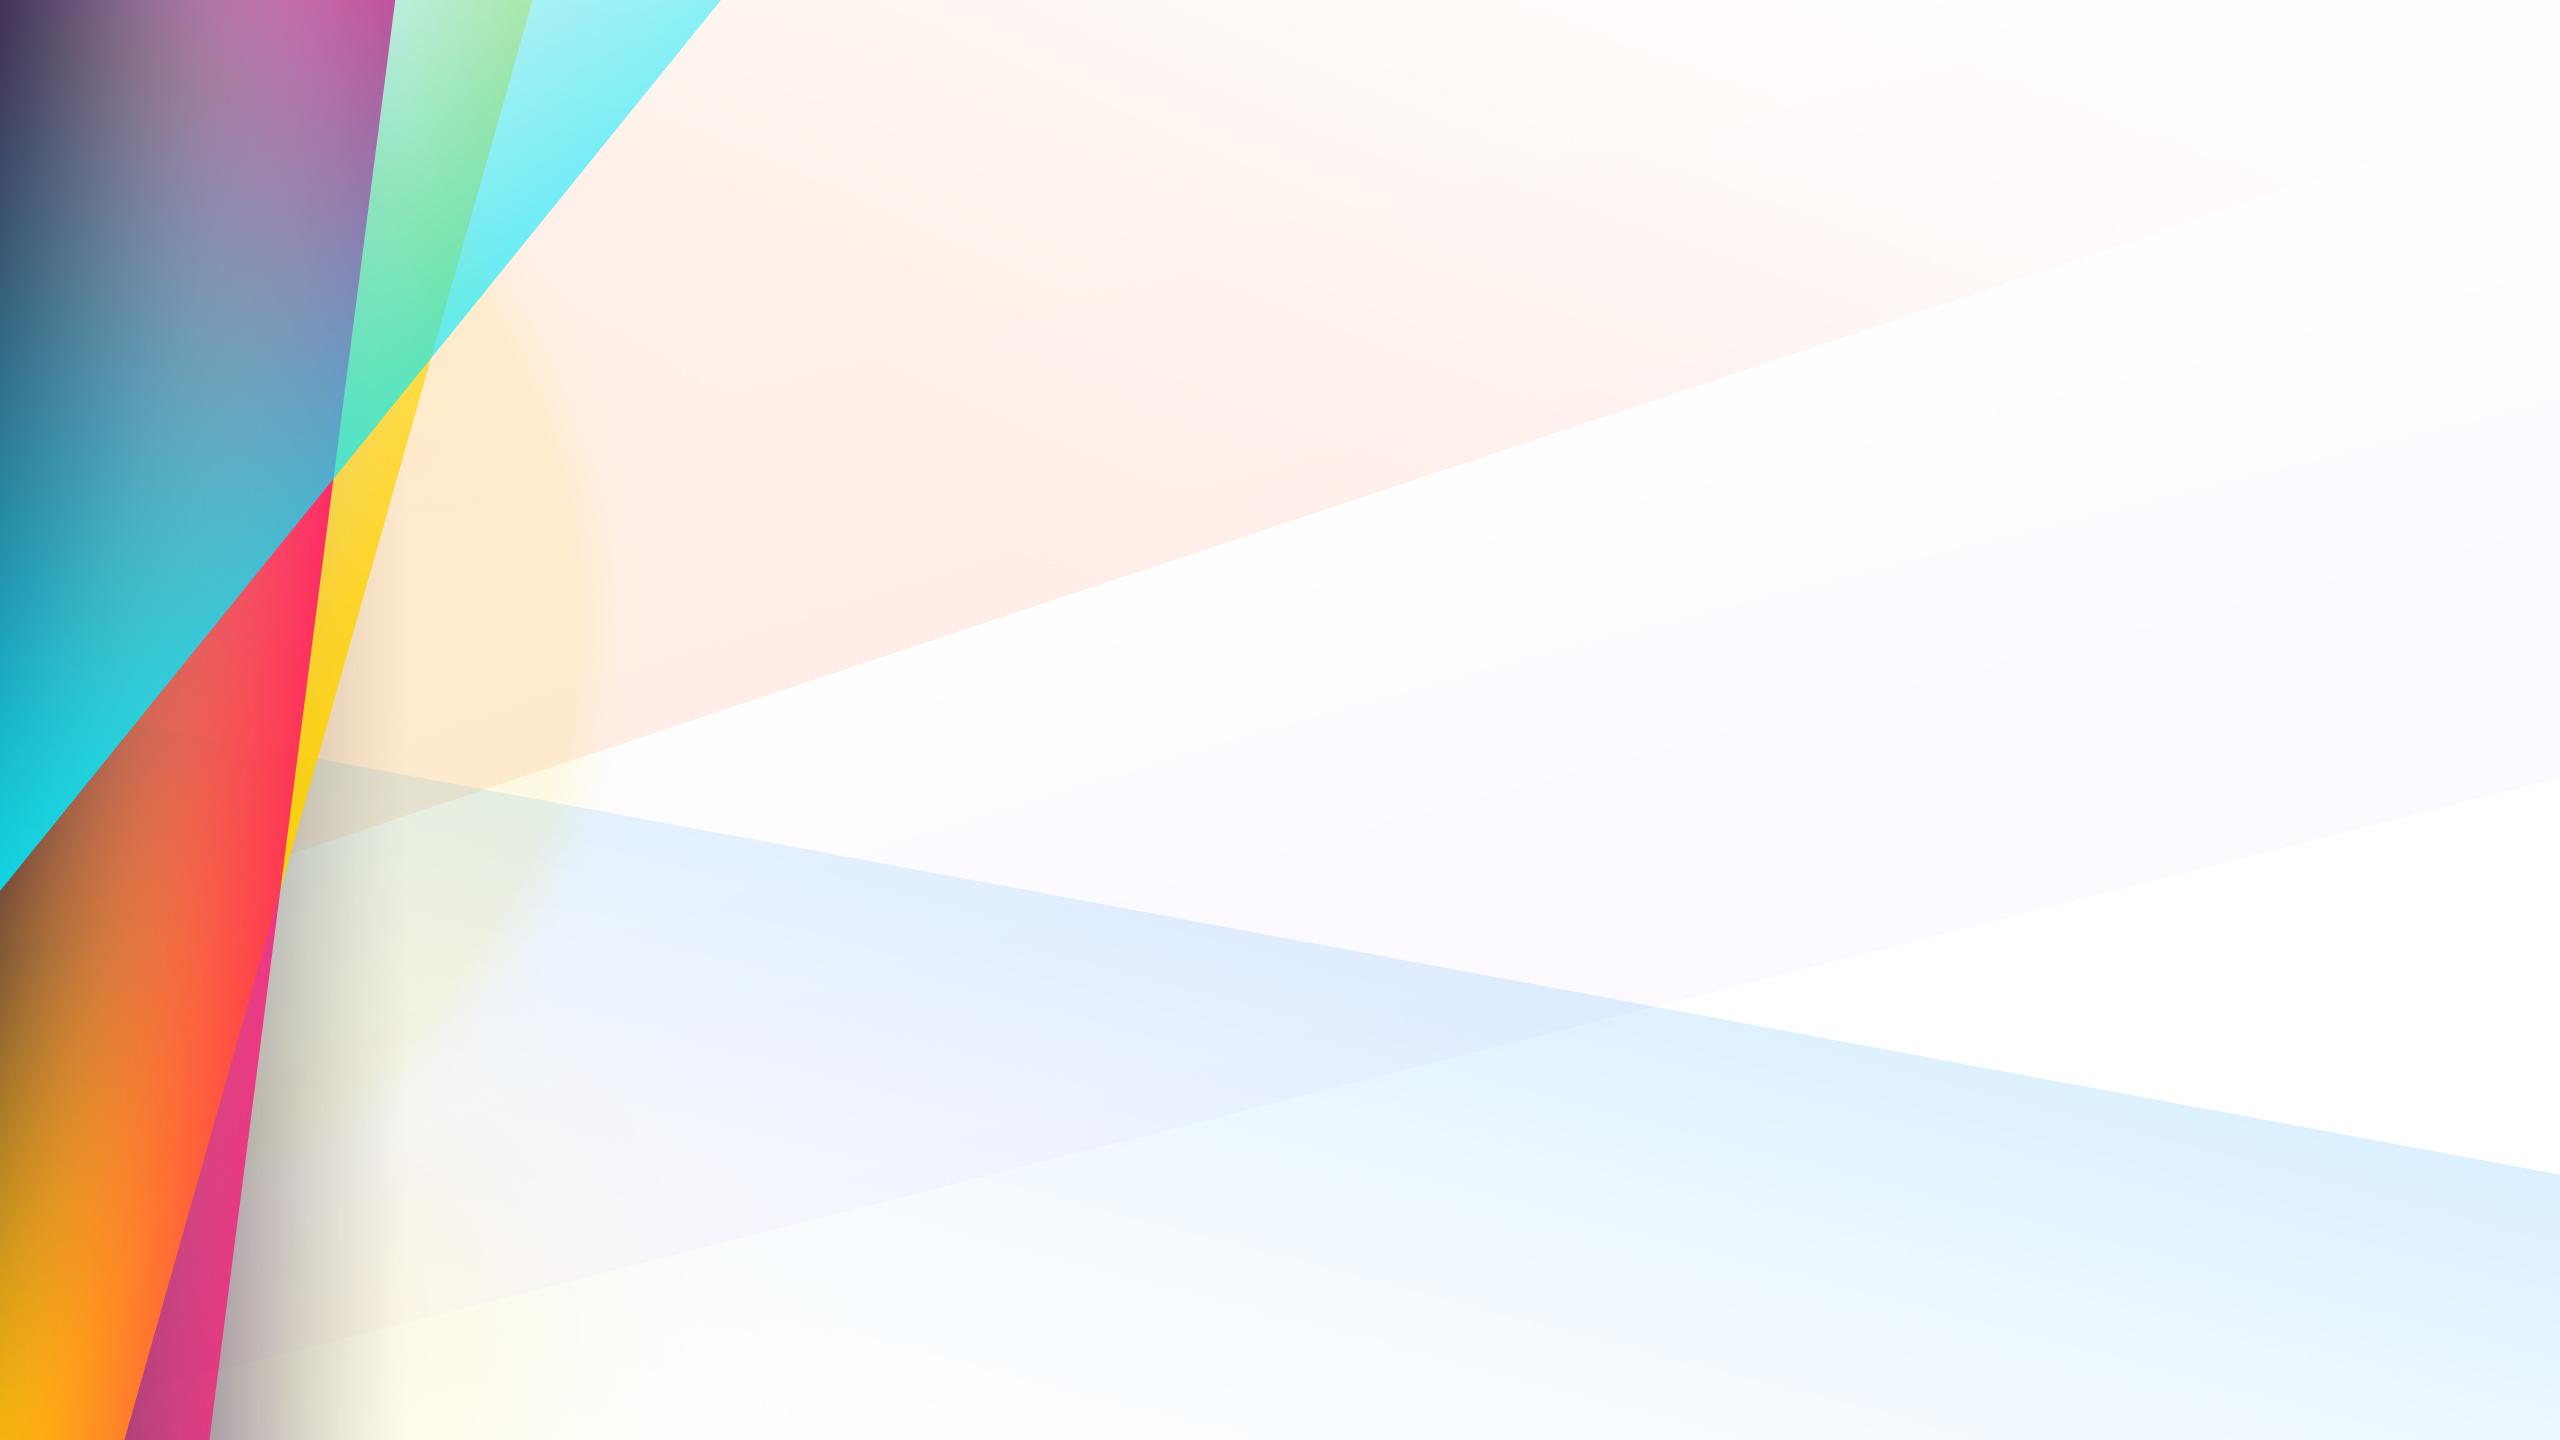 Hình nền đẹp mà đơn giản cho PowerPoint với các màu sắc đan xen